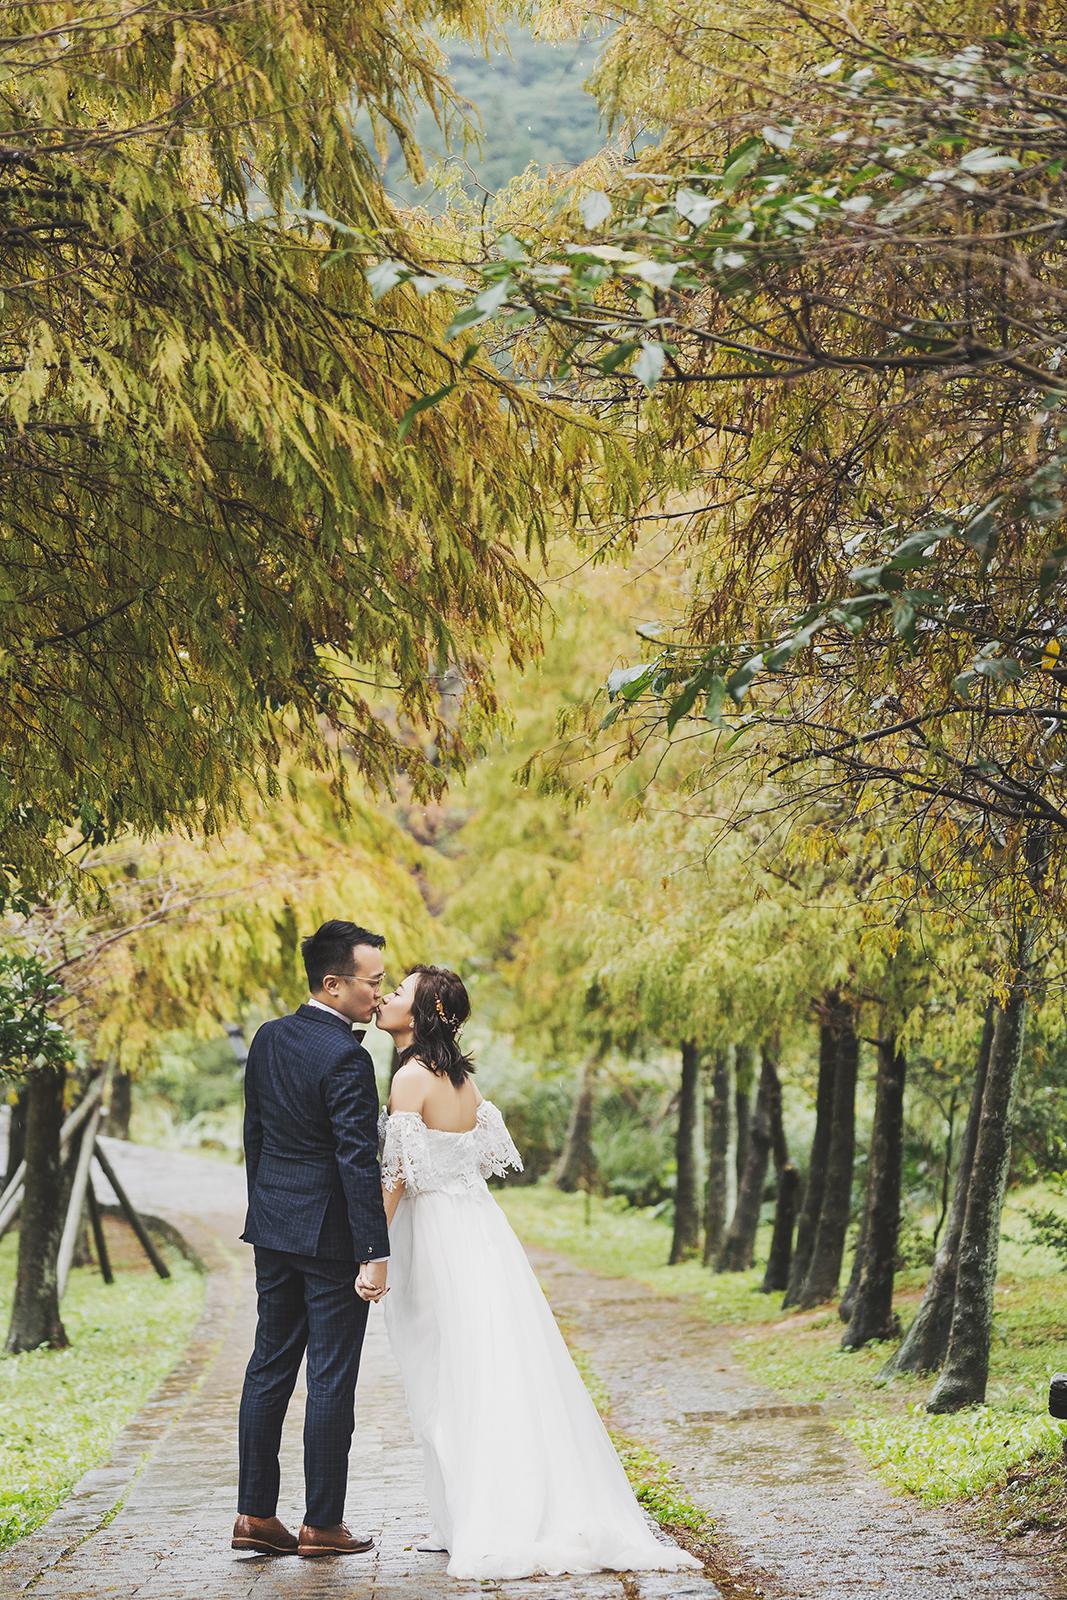 葉子因雨水溫柔的垂下並綴著像鑽石般的水滴,還有什麼比這更浪漫的呢~